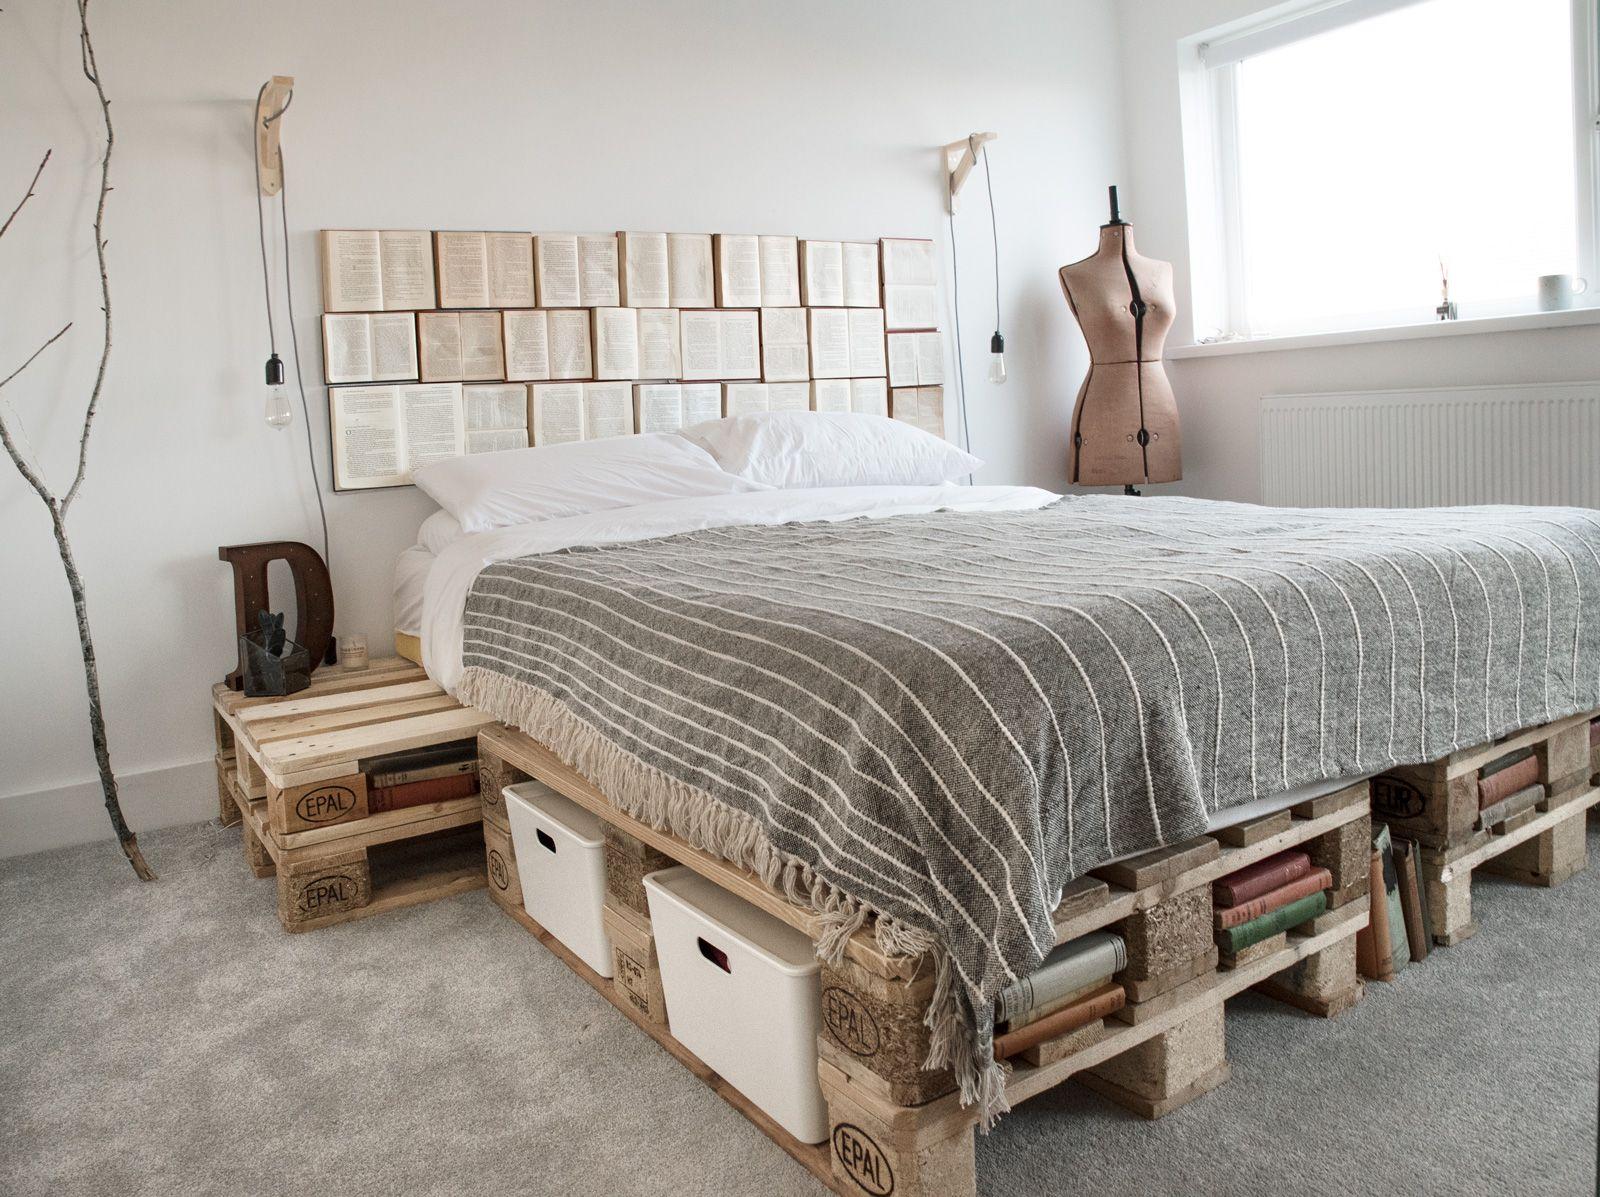 кровати из паллет поддонов фото образом приклеиваем